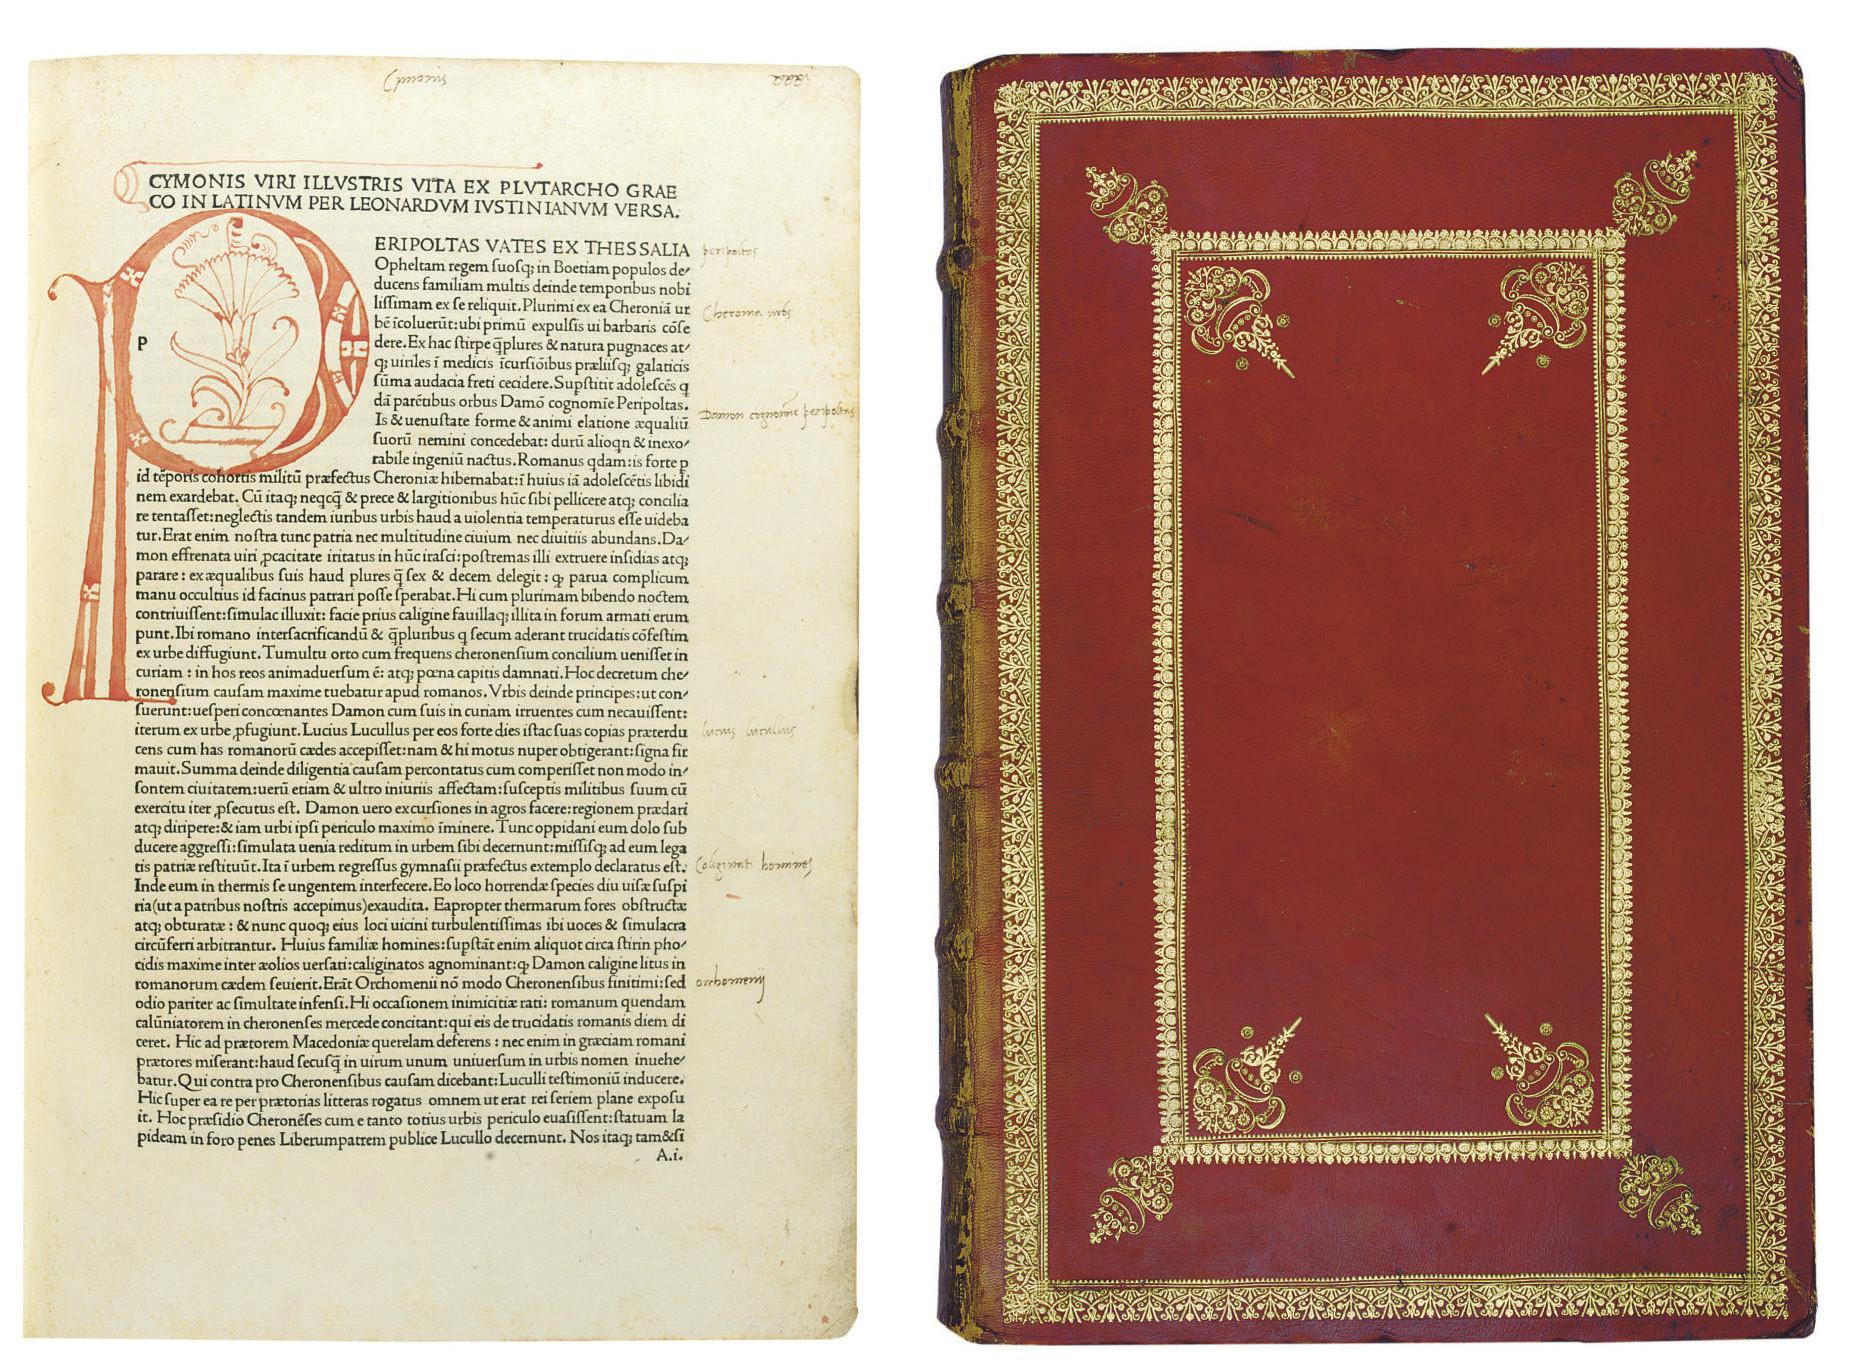 PLUTARCHUS (c. 45-c. 120). Vit